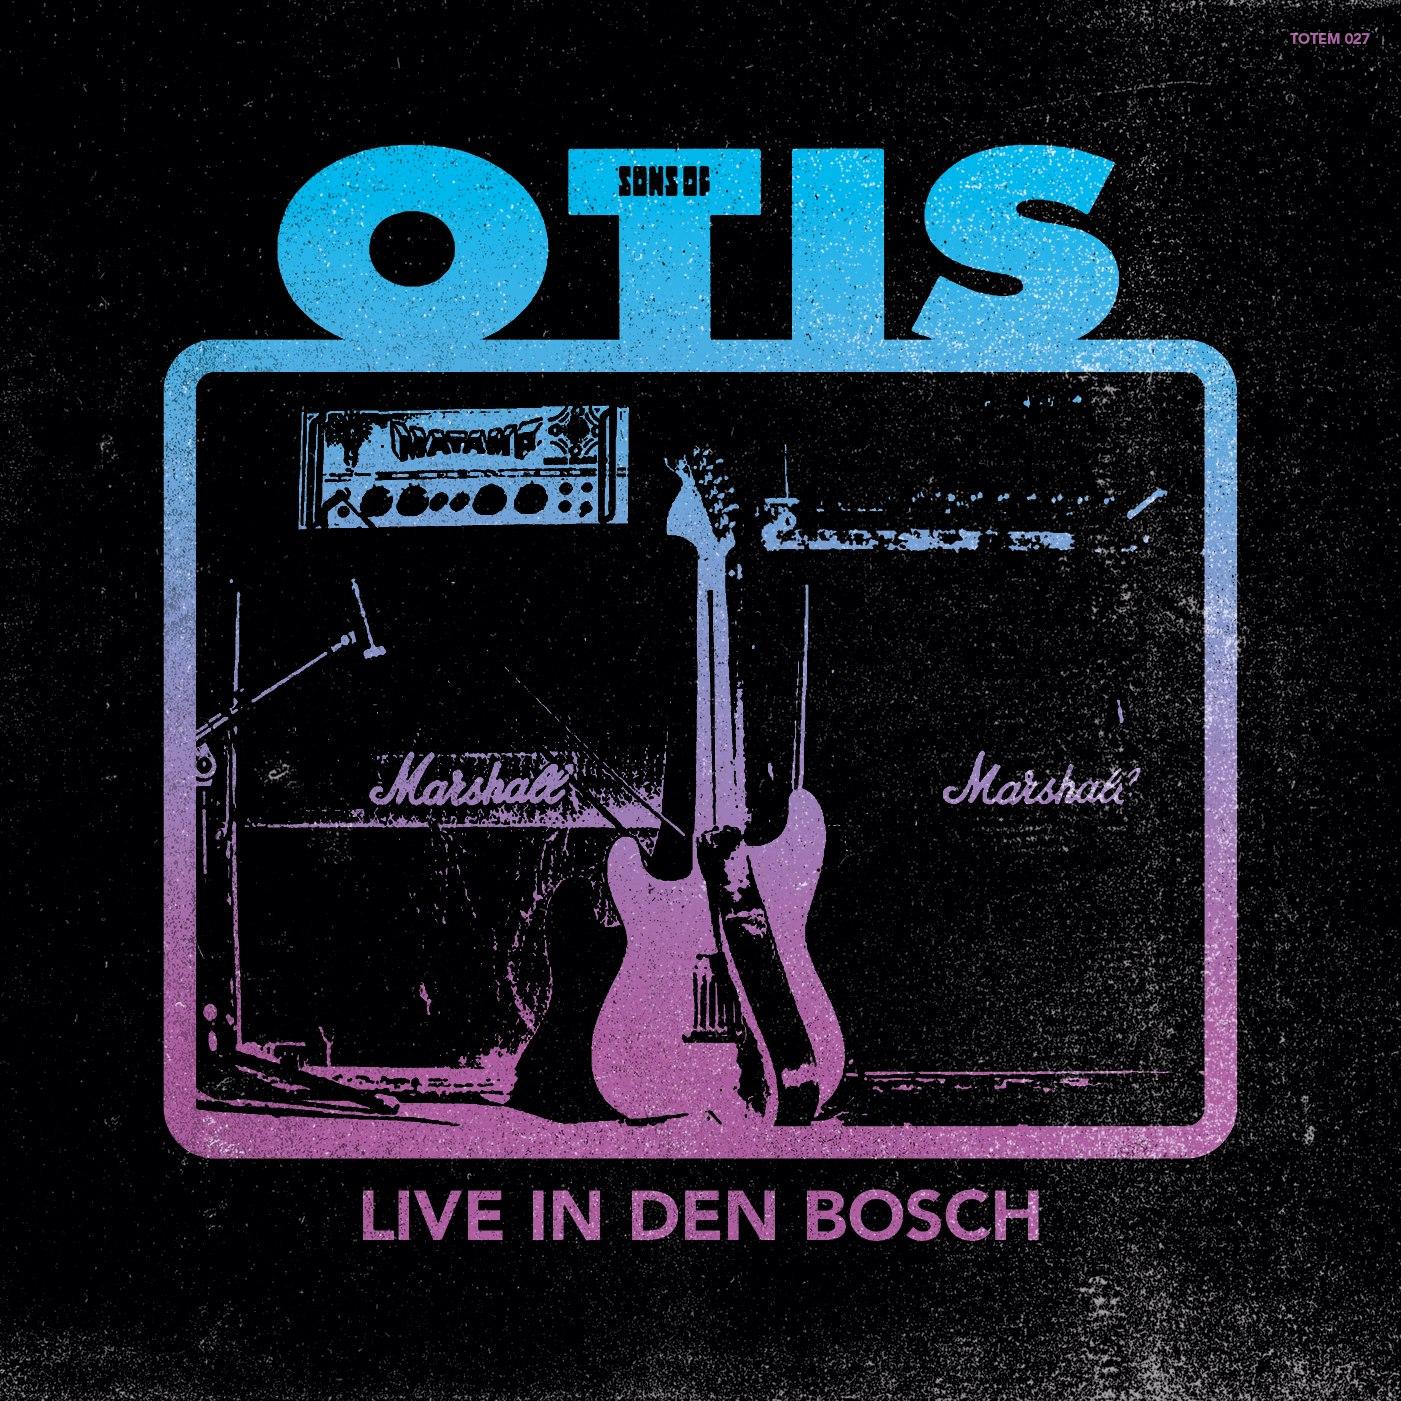 sonsofotis liveindenbosch - TOP